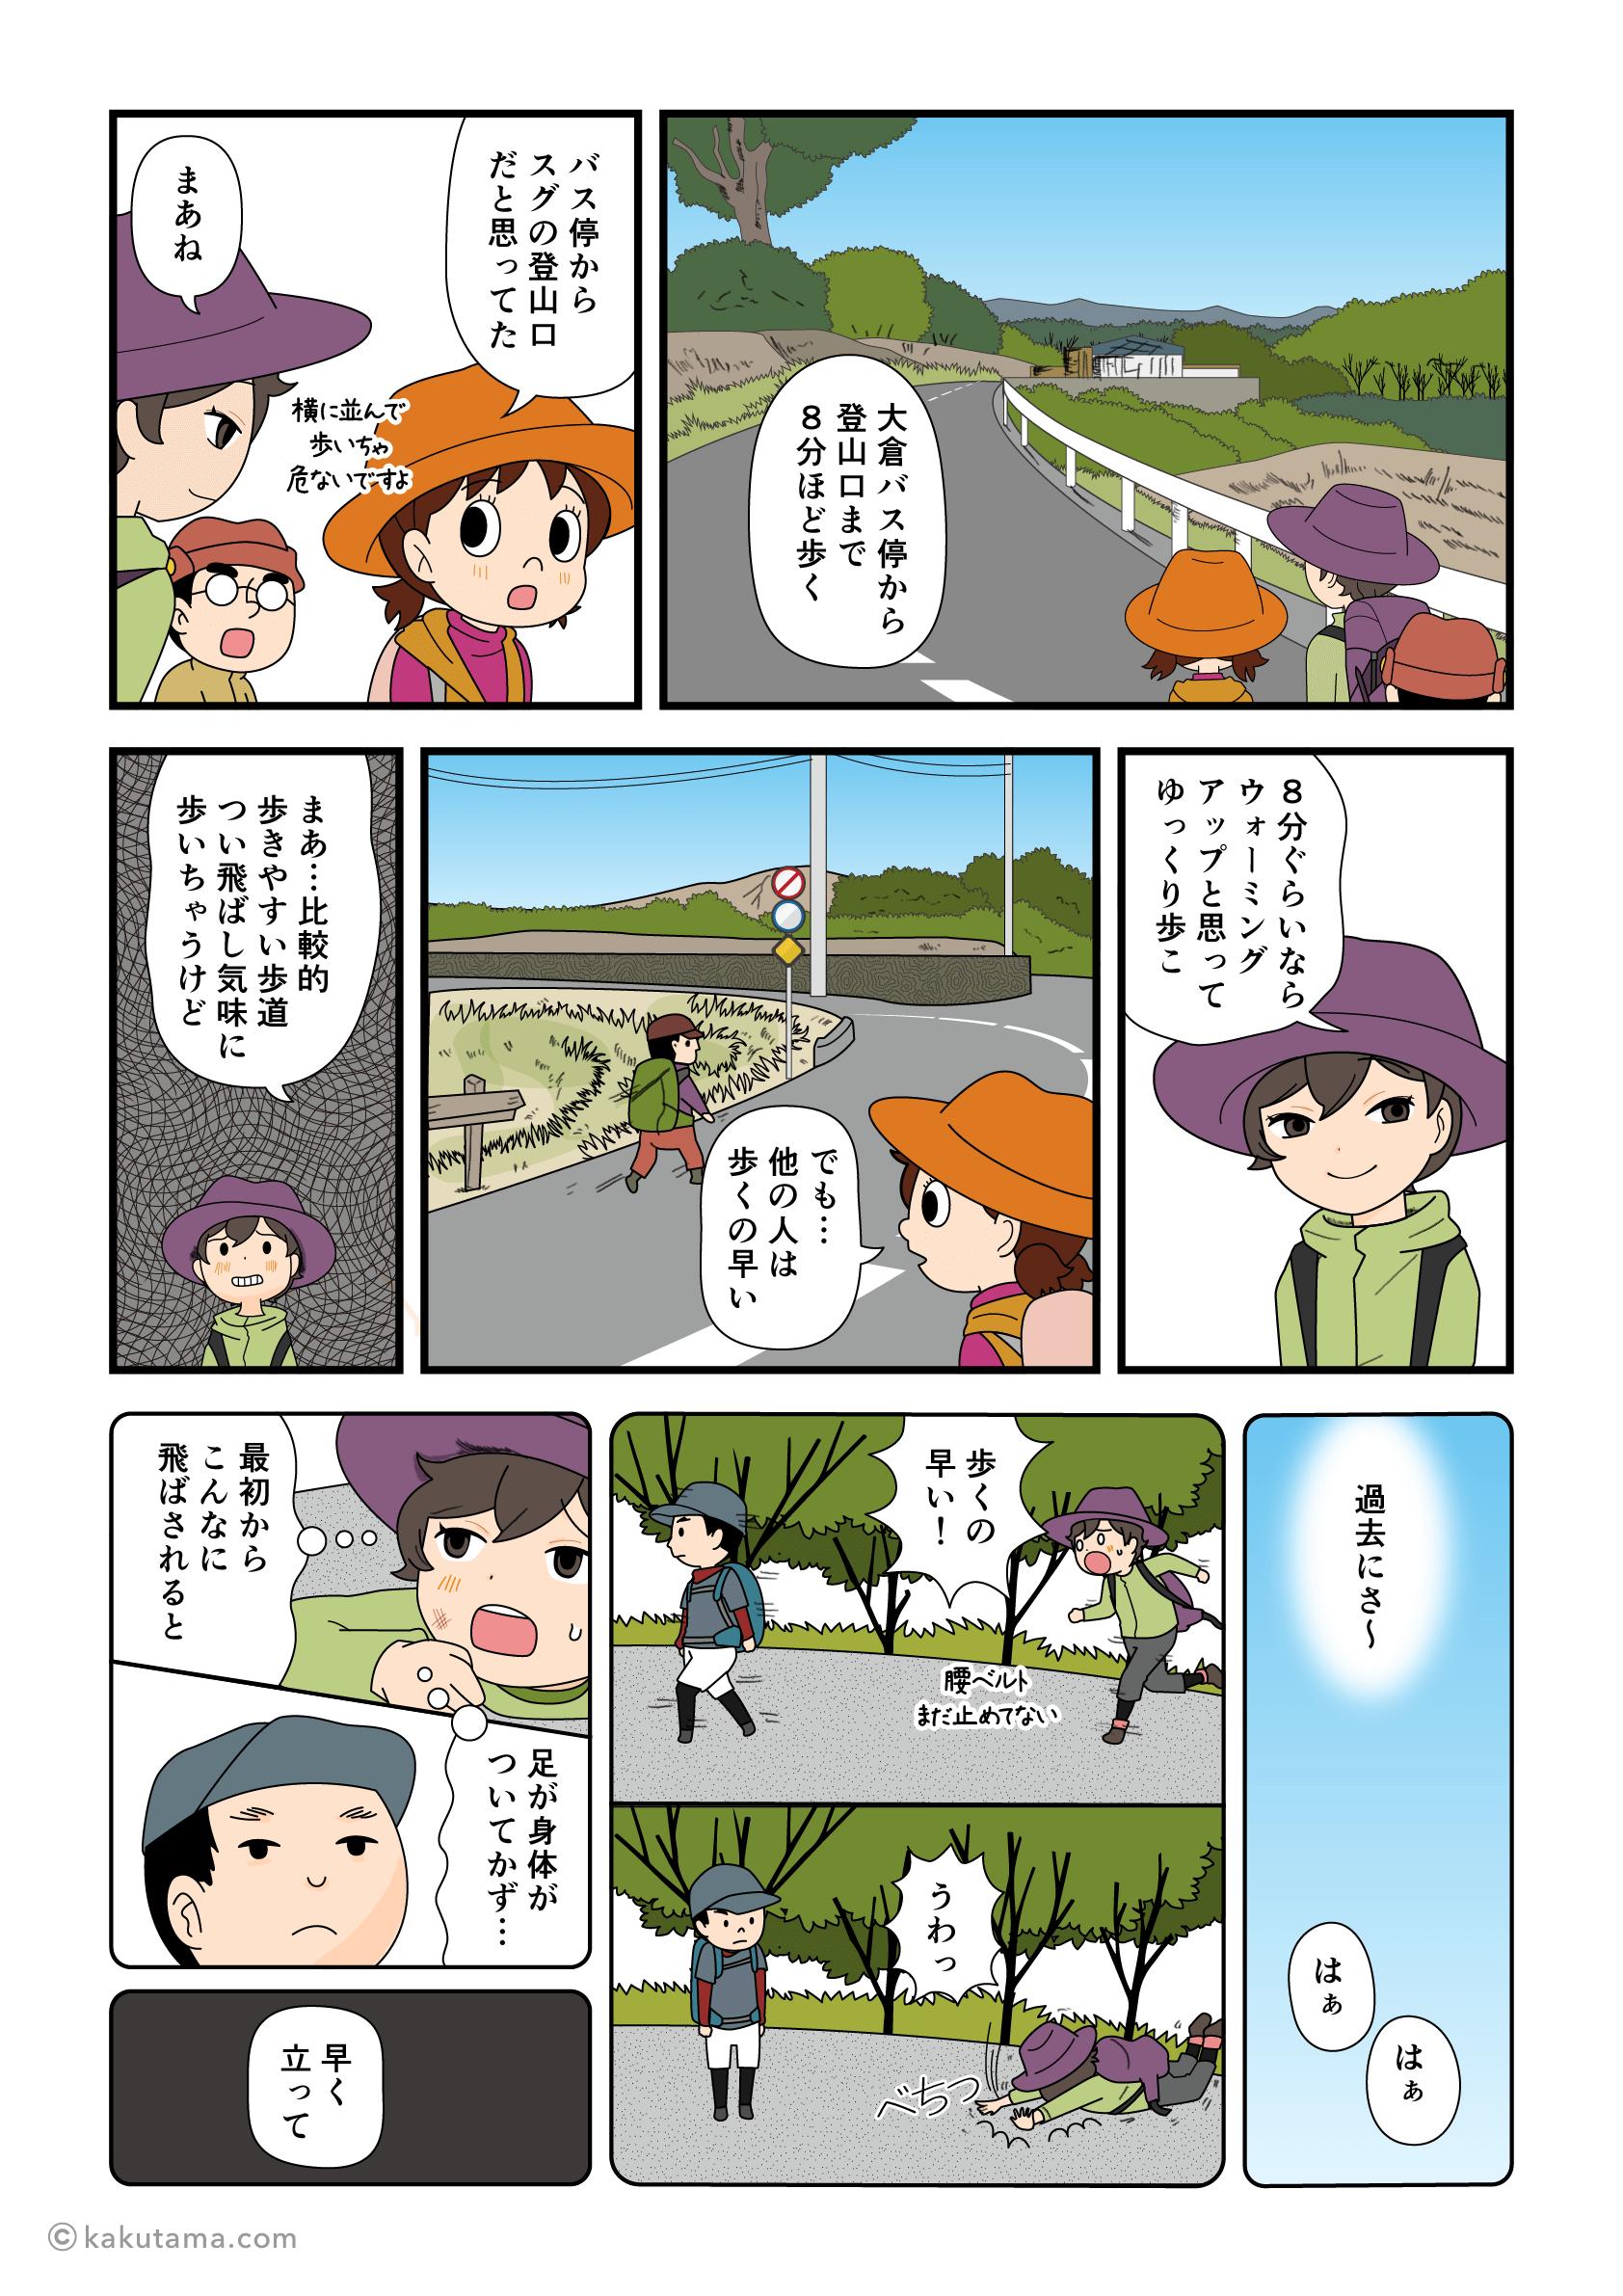 登山開始の舗装路はユックリ歩く登山者の漫画